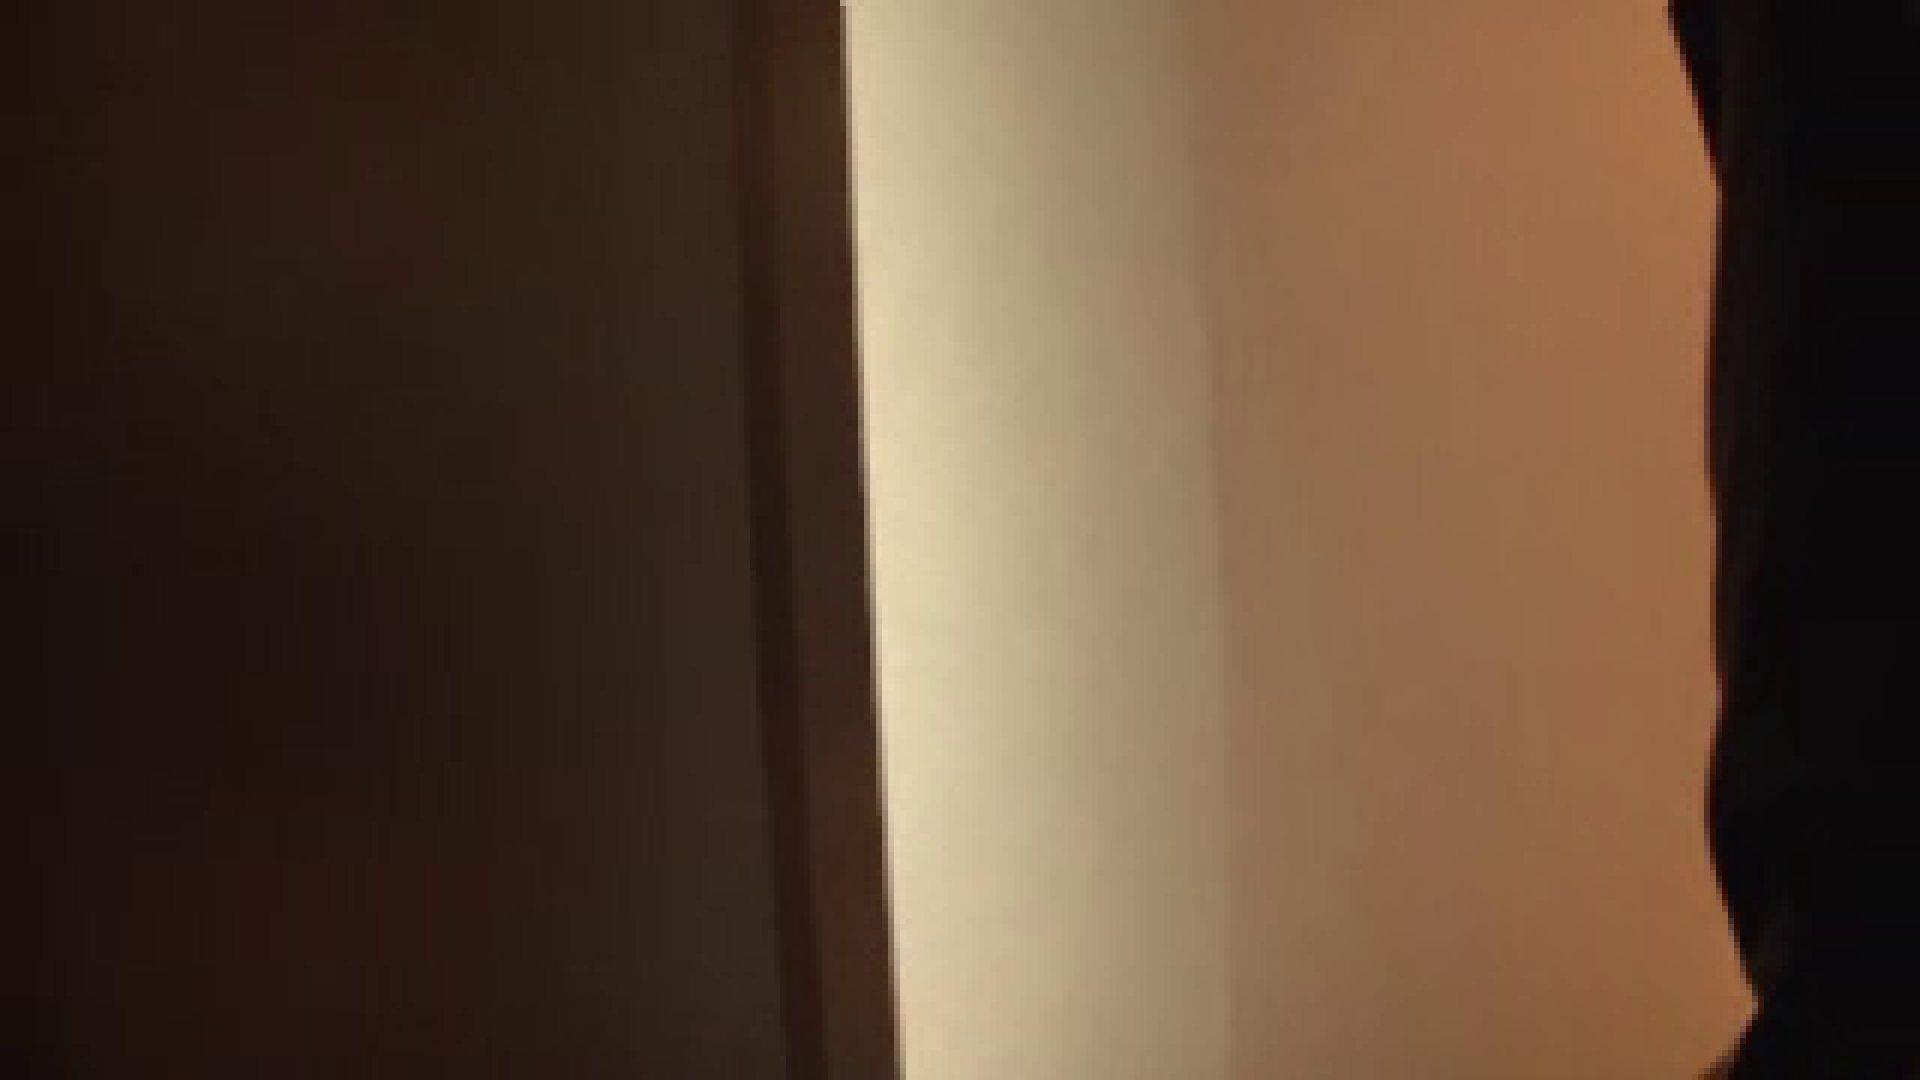 親友同士で競演 超美形のSEXパーティ Vol.05 SEX 濡れ場動画紹介 25連発 2